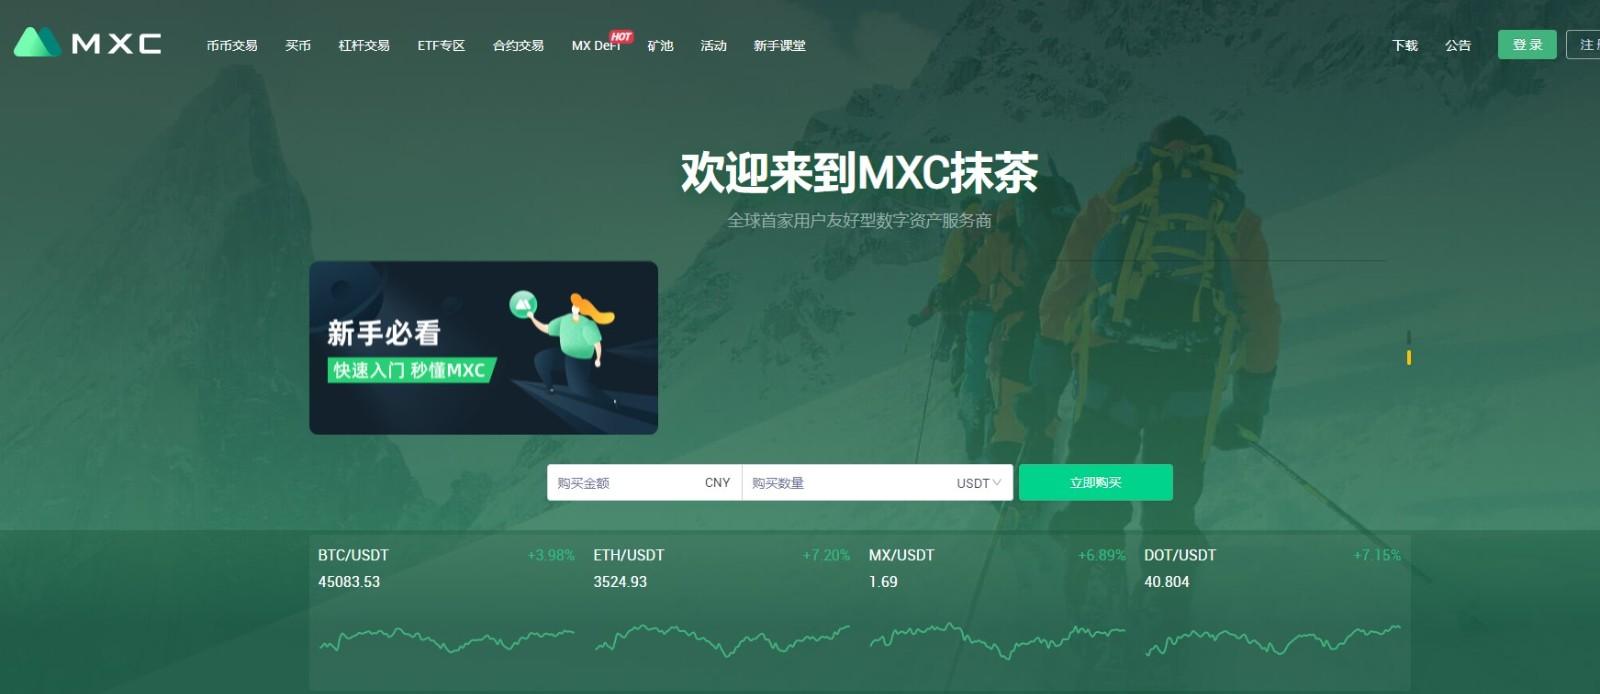 mxc抹茶交易所电脑版 v3.0.4 pc端